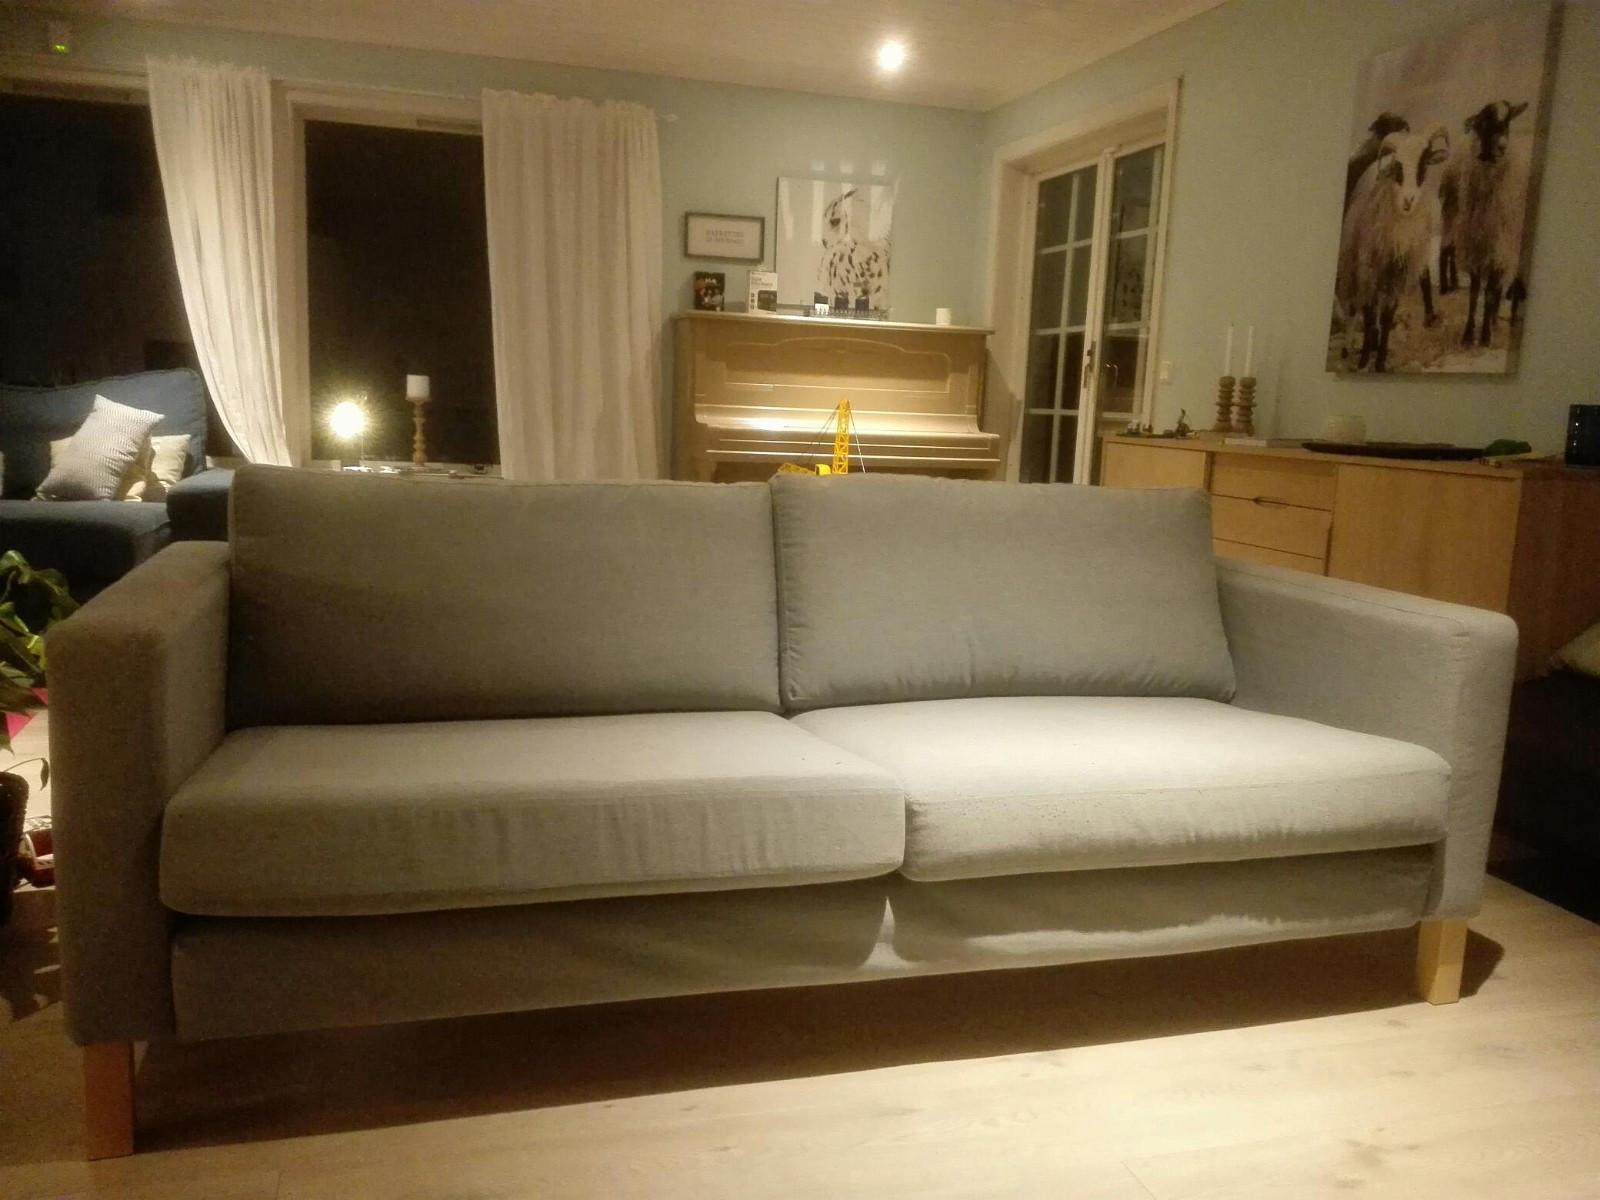 Sofa Ikea Karlstad 3seter - Hordvik  - Sofa i grei stand, 2år gammel. trekkene kan taes av og vaskes. Har ikke blitt vasket før så trenger en vask nå.  - Hordvik